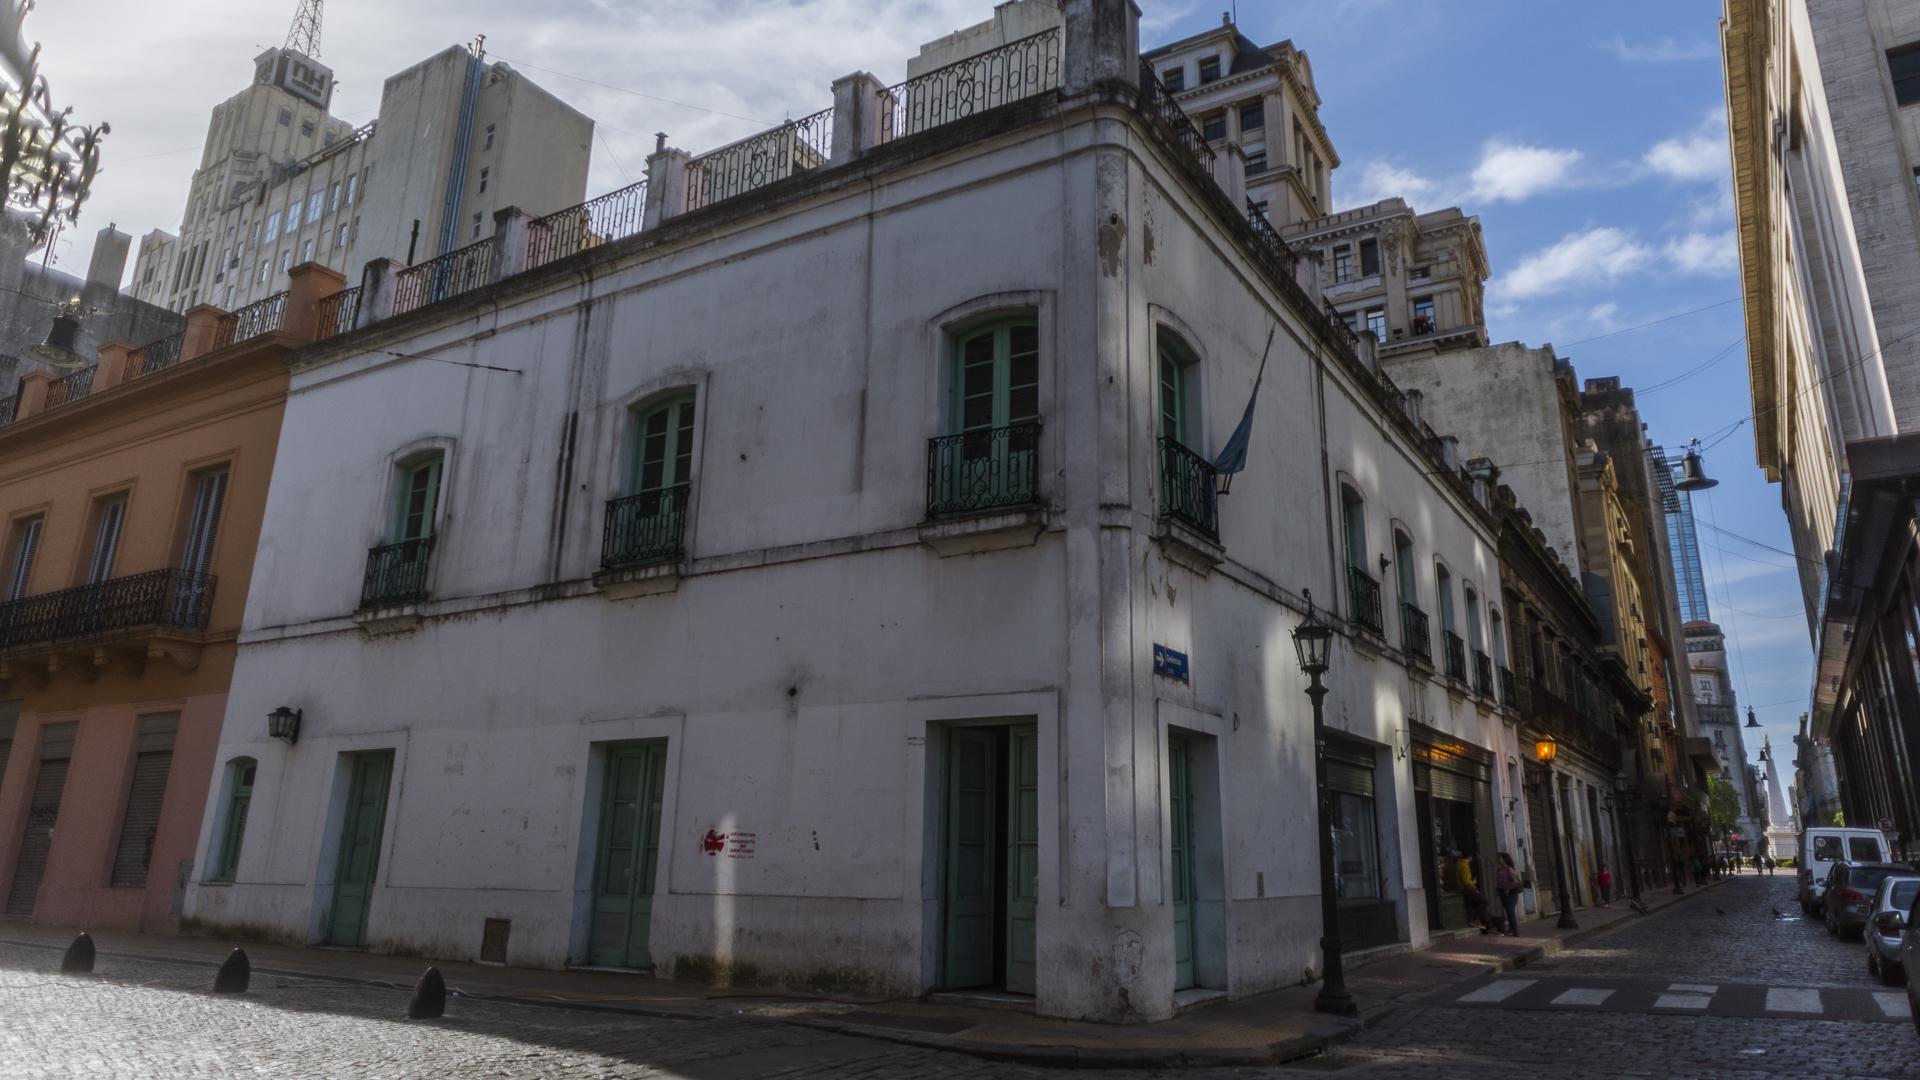 El Museo de la Ciudad de Buenos Aires fue creado en el año 1968. Actualmente se encuentra instalado en un complejo integrado por edificios pertenecientes a distintas épocas, situados en el barrio de Monserrat (anteriormente, Catedral al Sur)